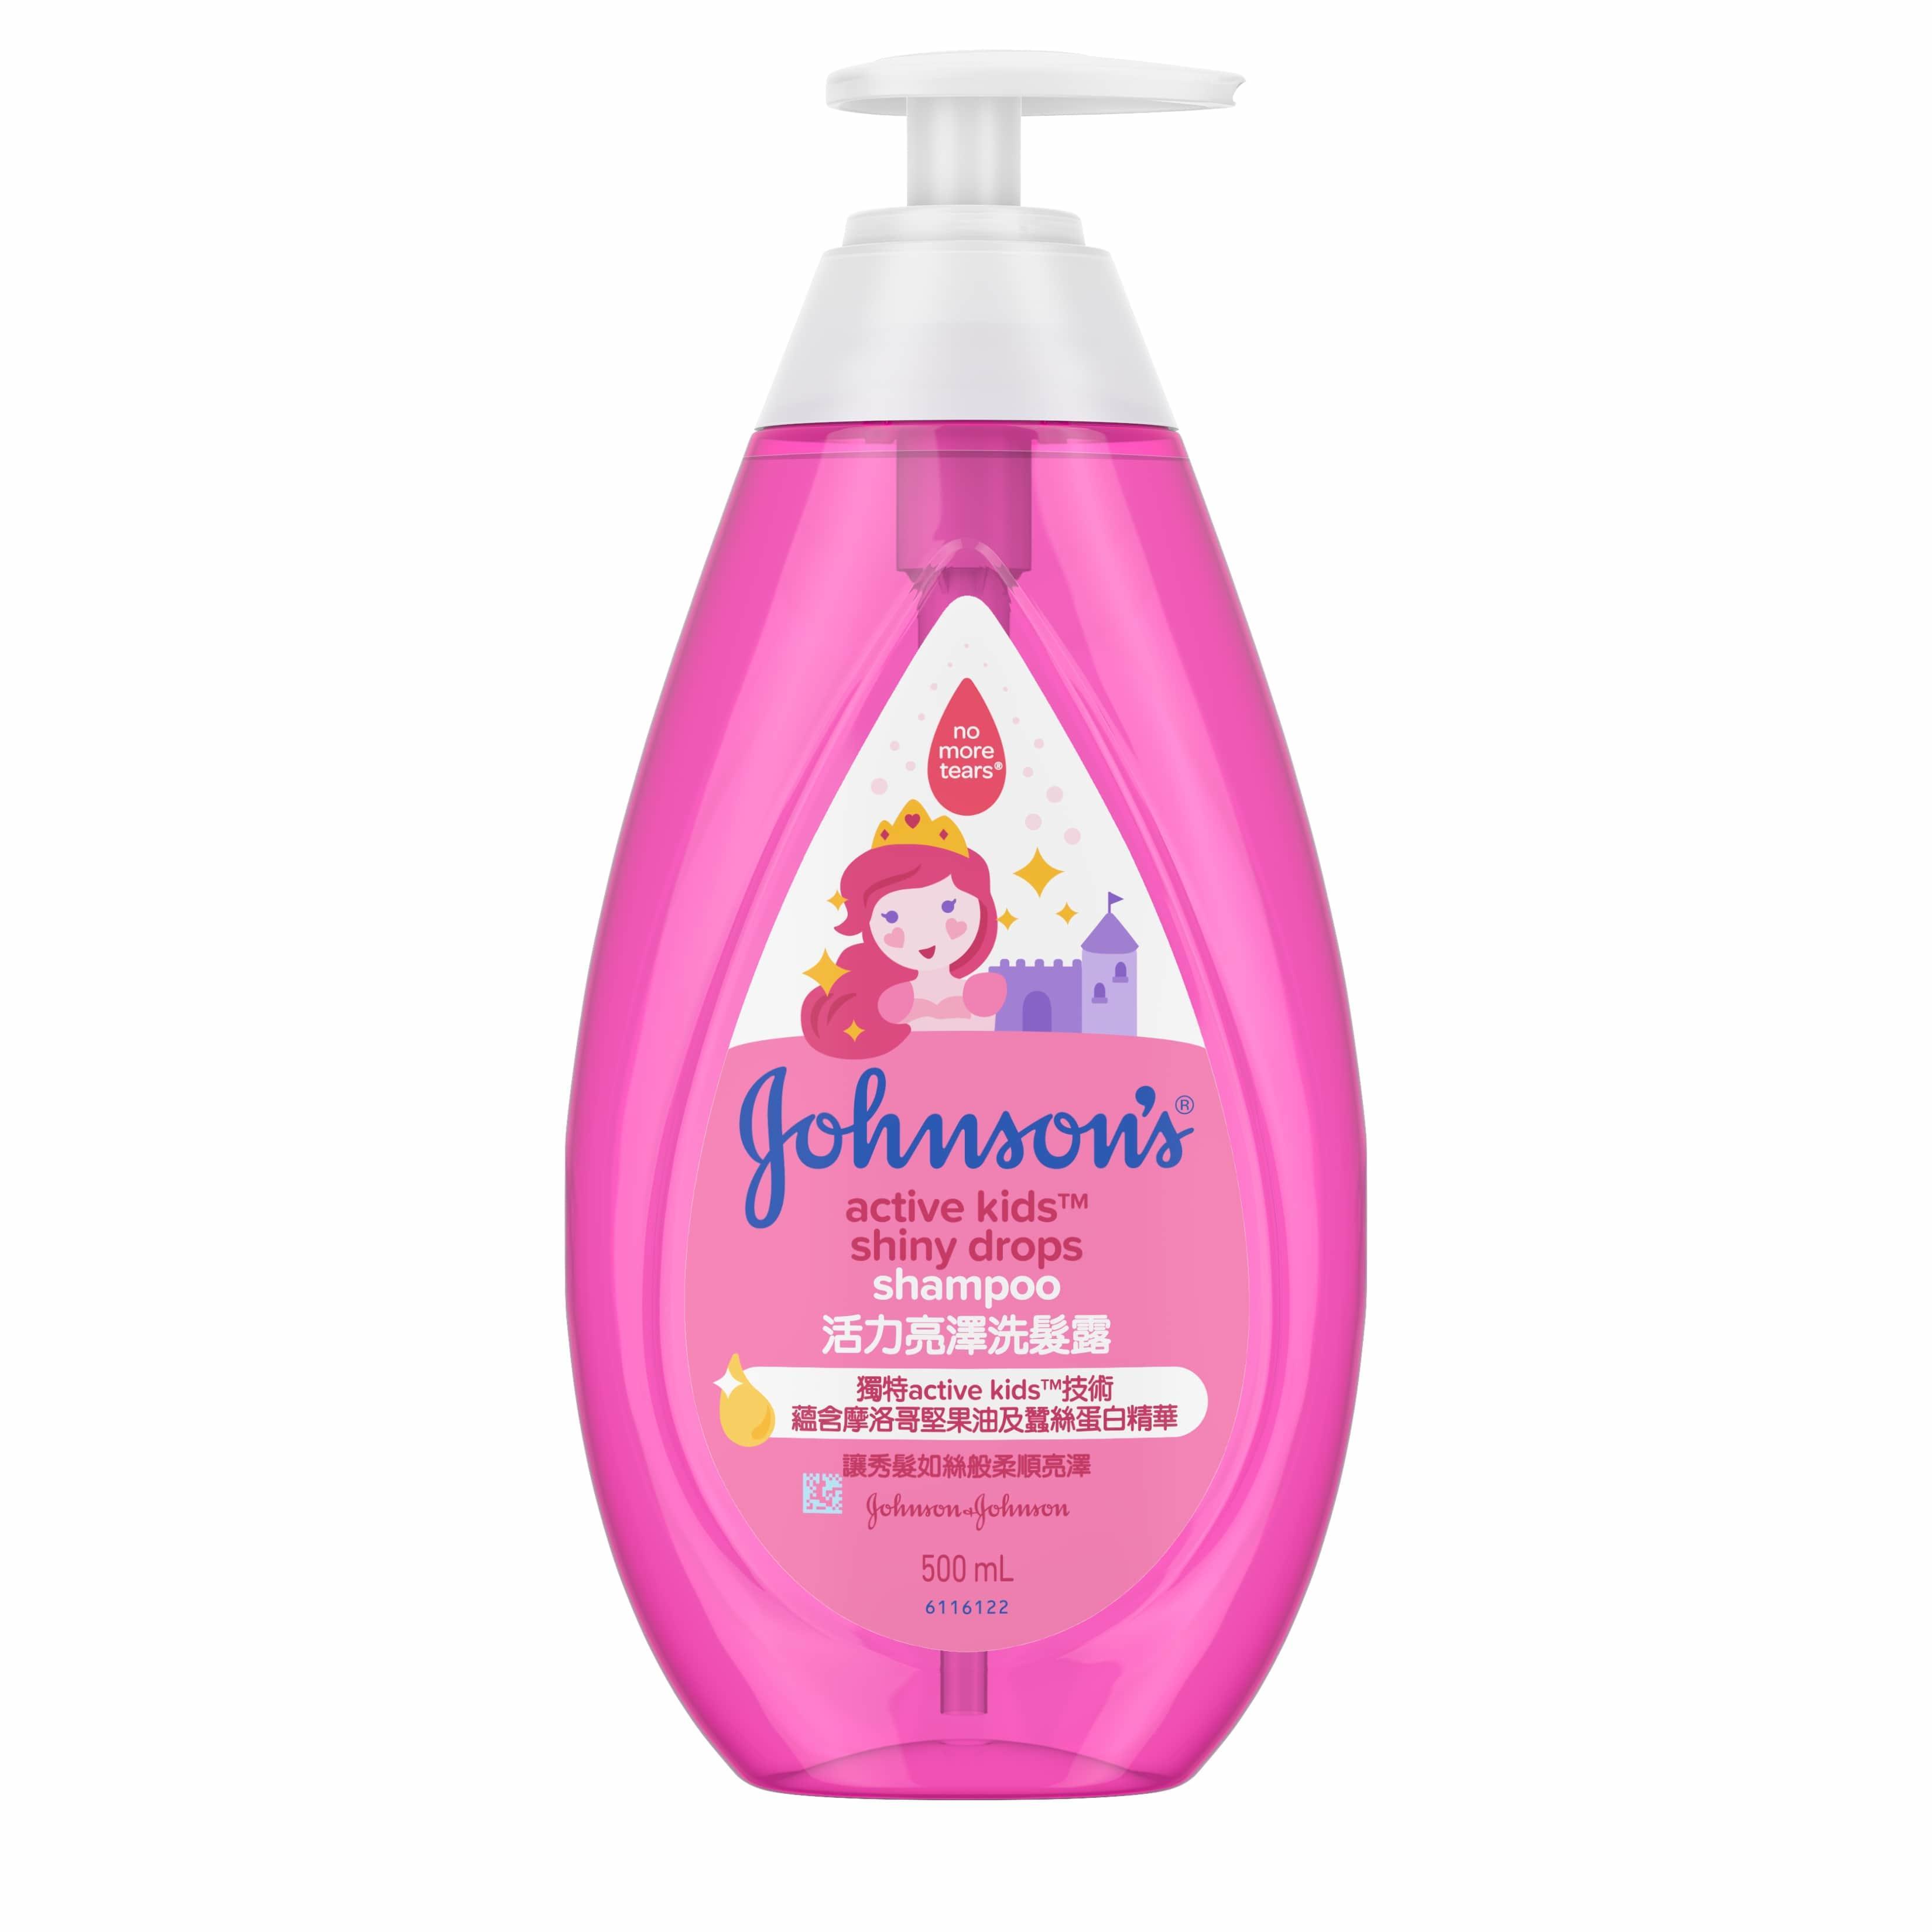 active-kids-shiny-drops-shampoo-500ml-front.jpg